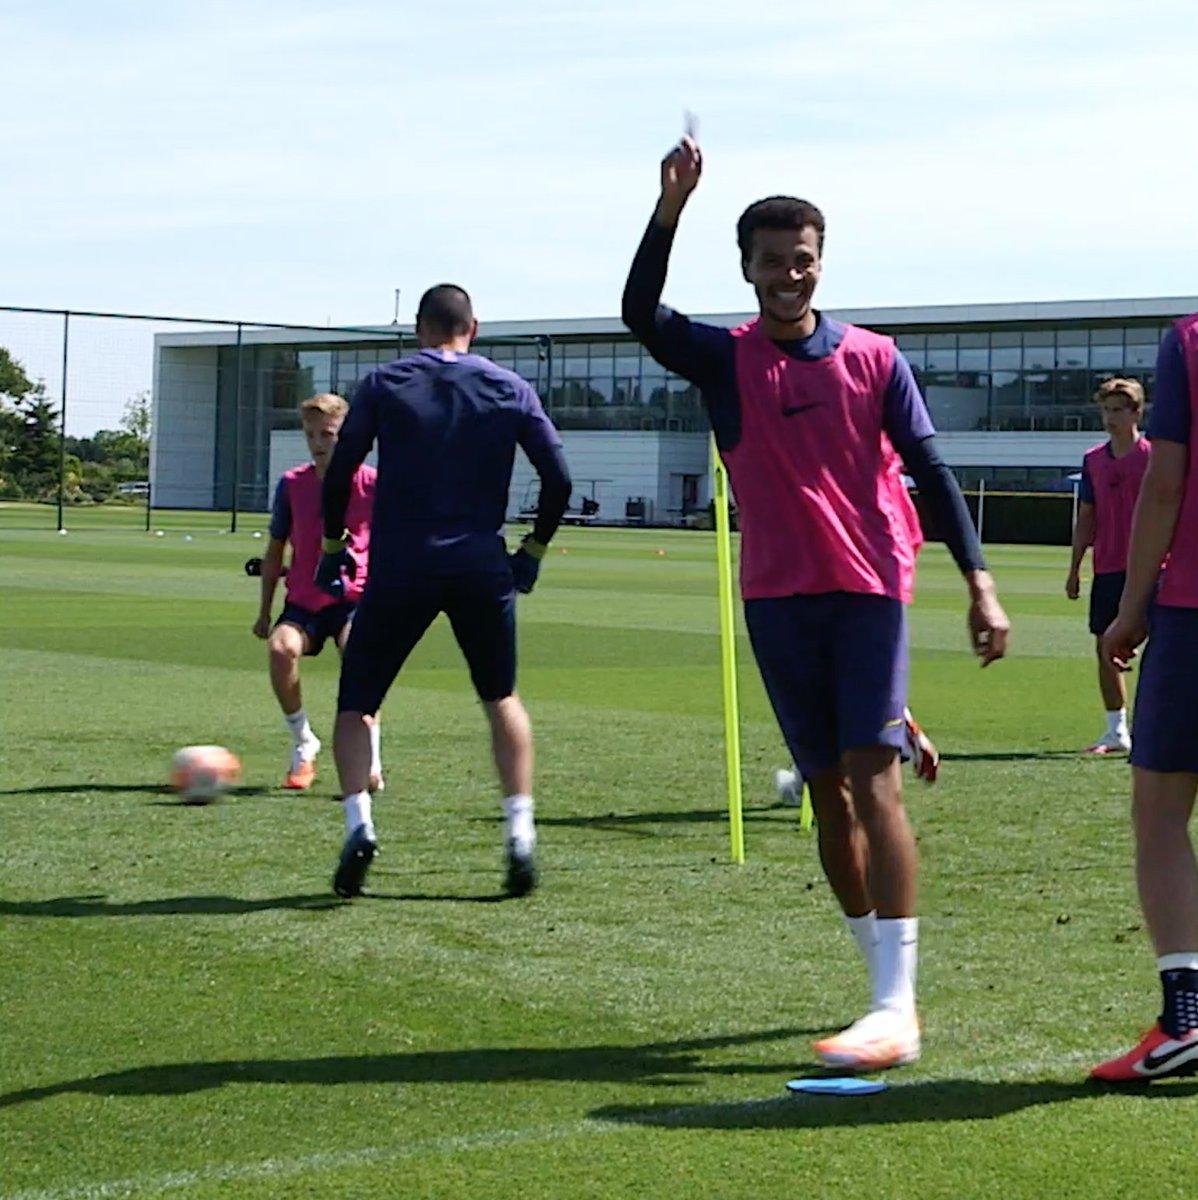 Dele Alli nutmegged Hugo Lloris in Tottenham training... But Lloris quickly got his revenge 🤭